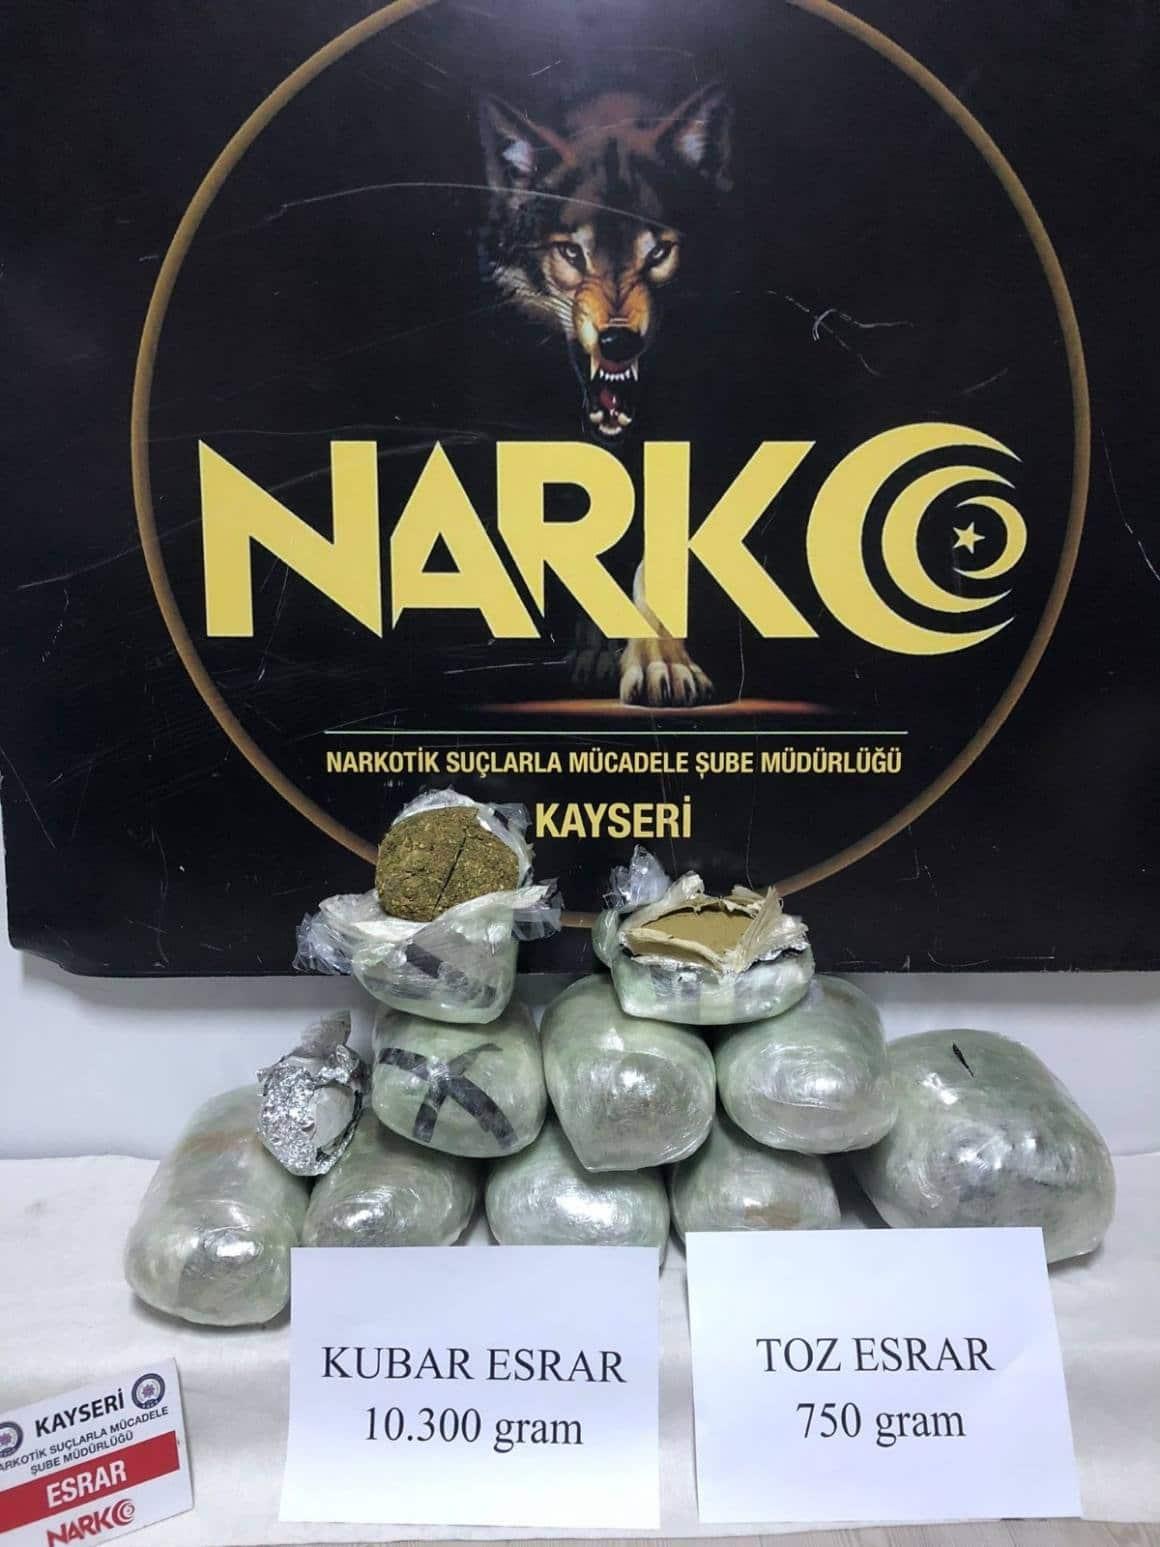 Kayseri'de kargo aracına uyuşturucu operasyonu: 10 kilo esrar ele geçirildi